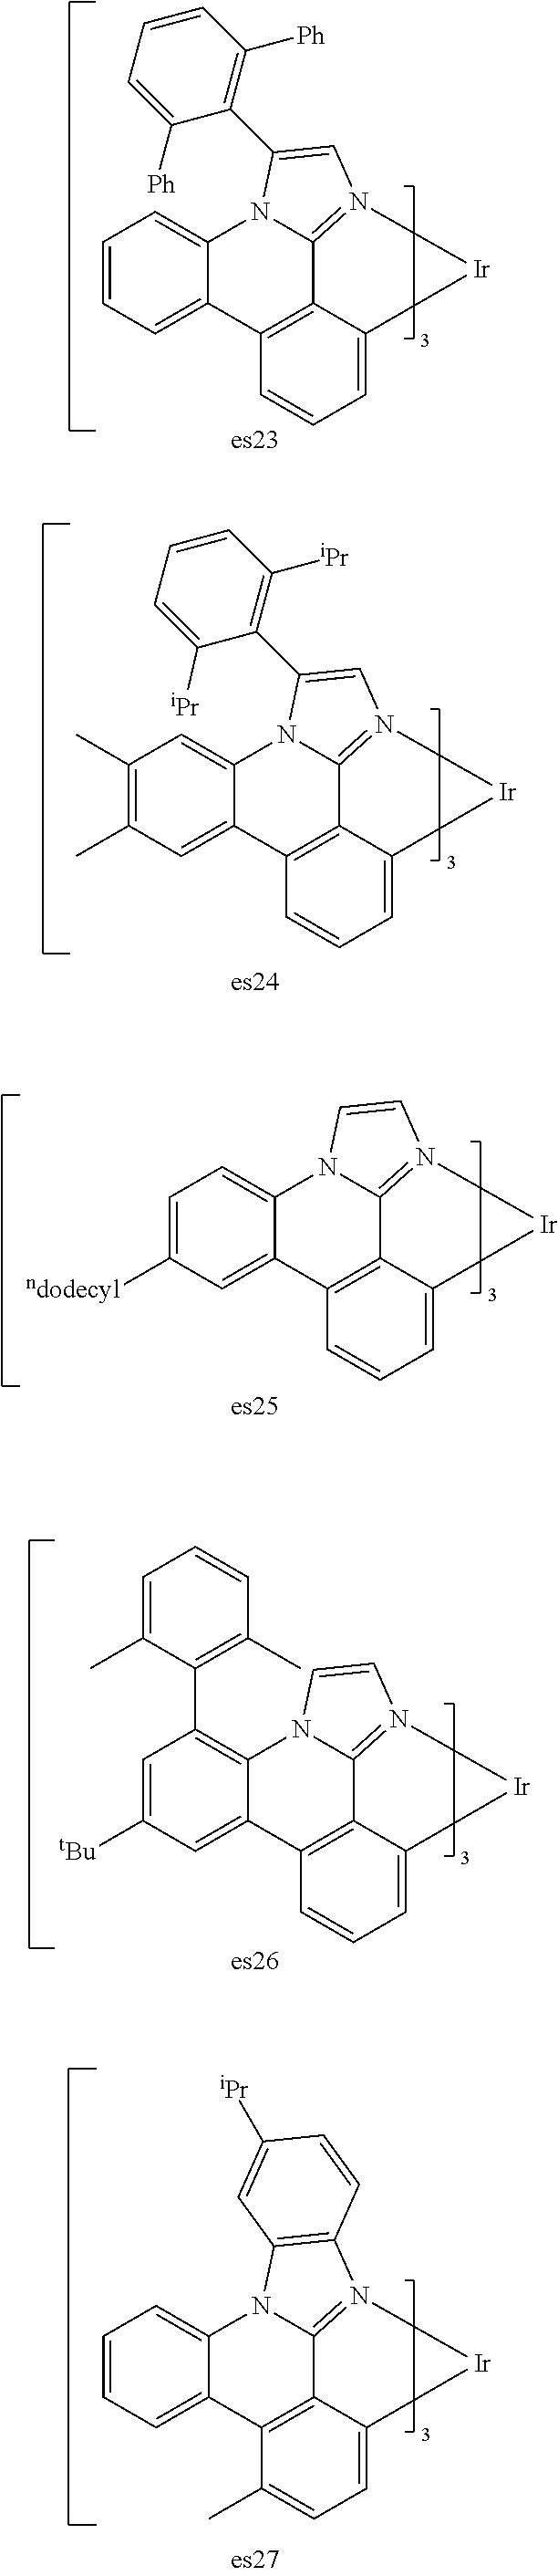 Figure US07915415-20110329-C00014